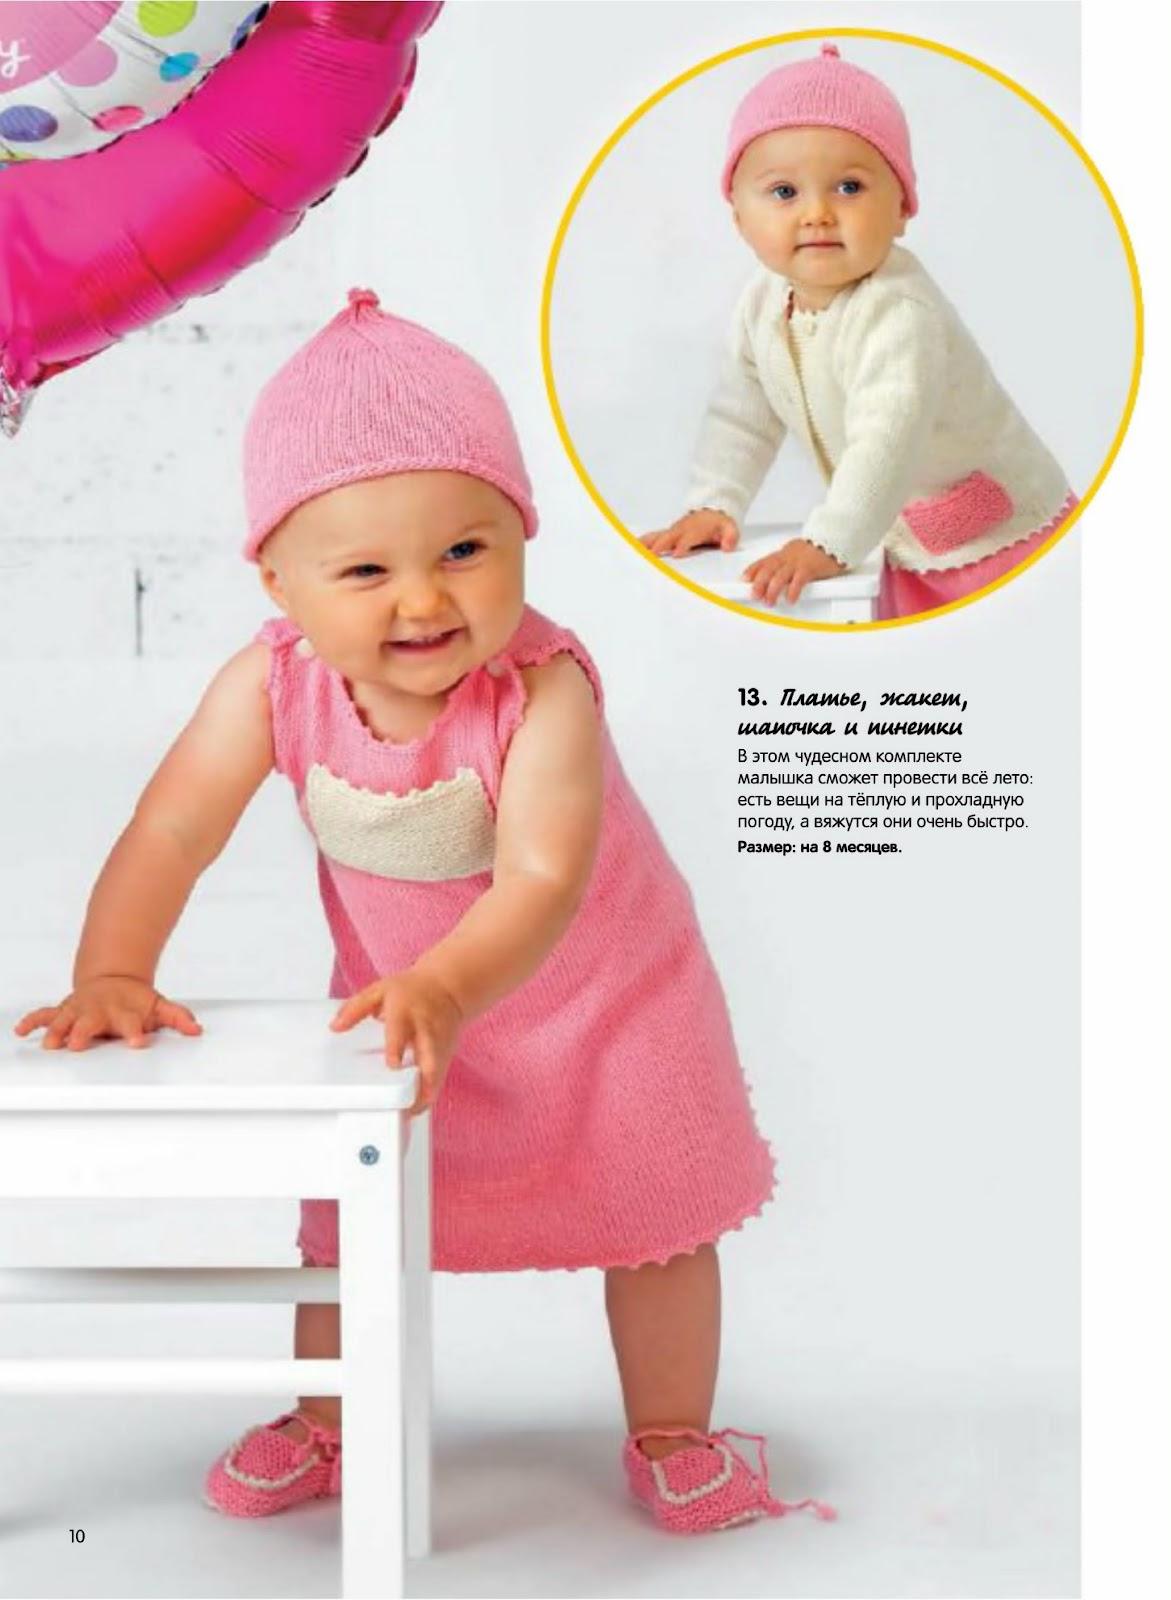 Вязание спицами для детей: схемы костюмчика